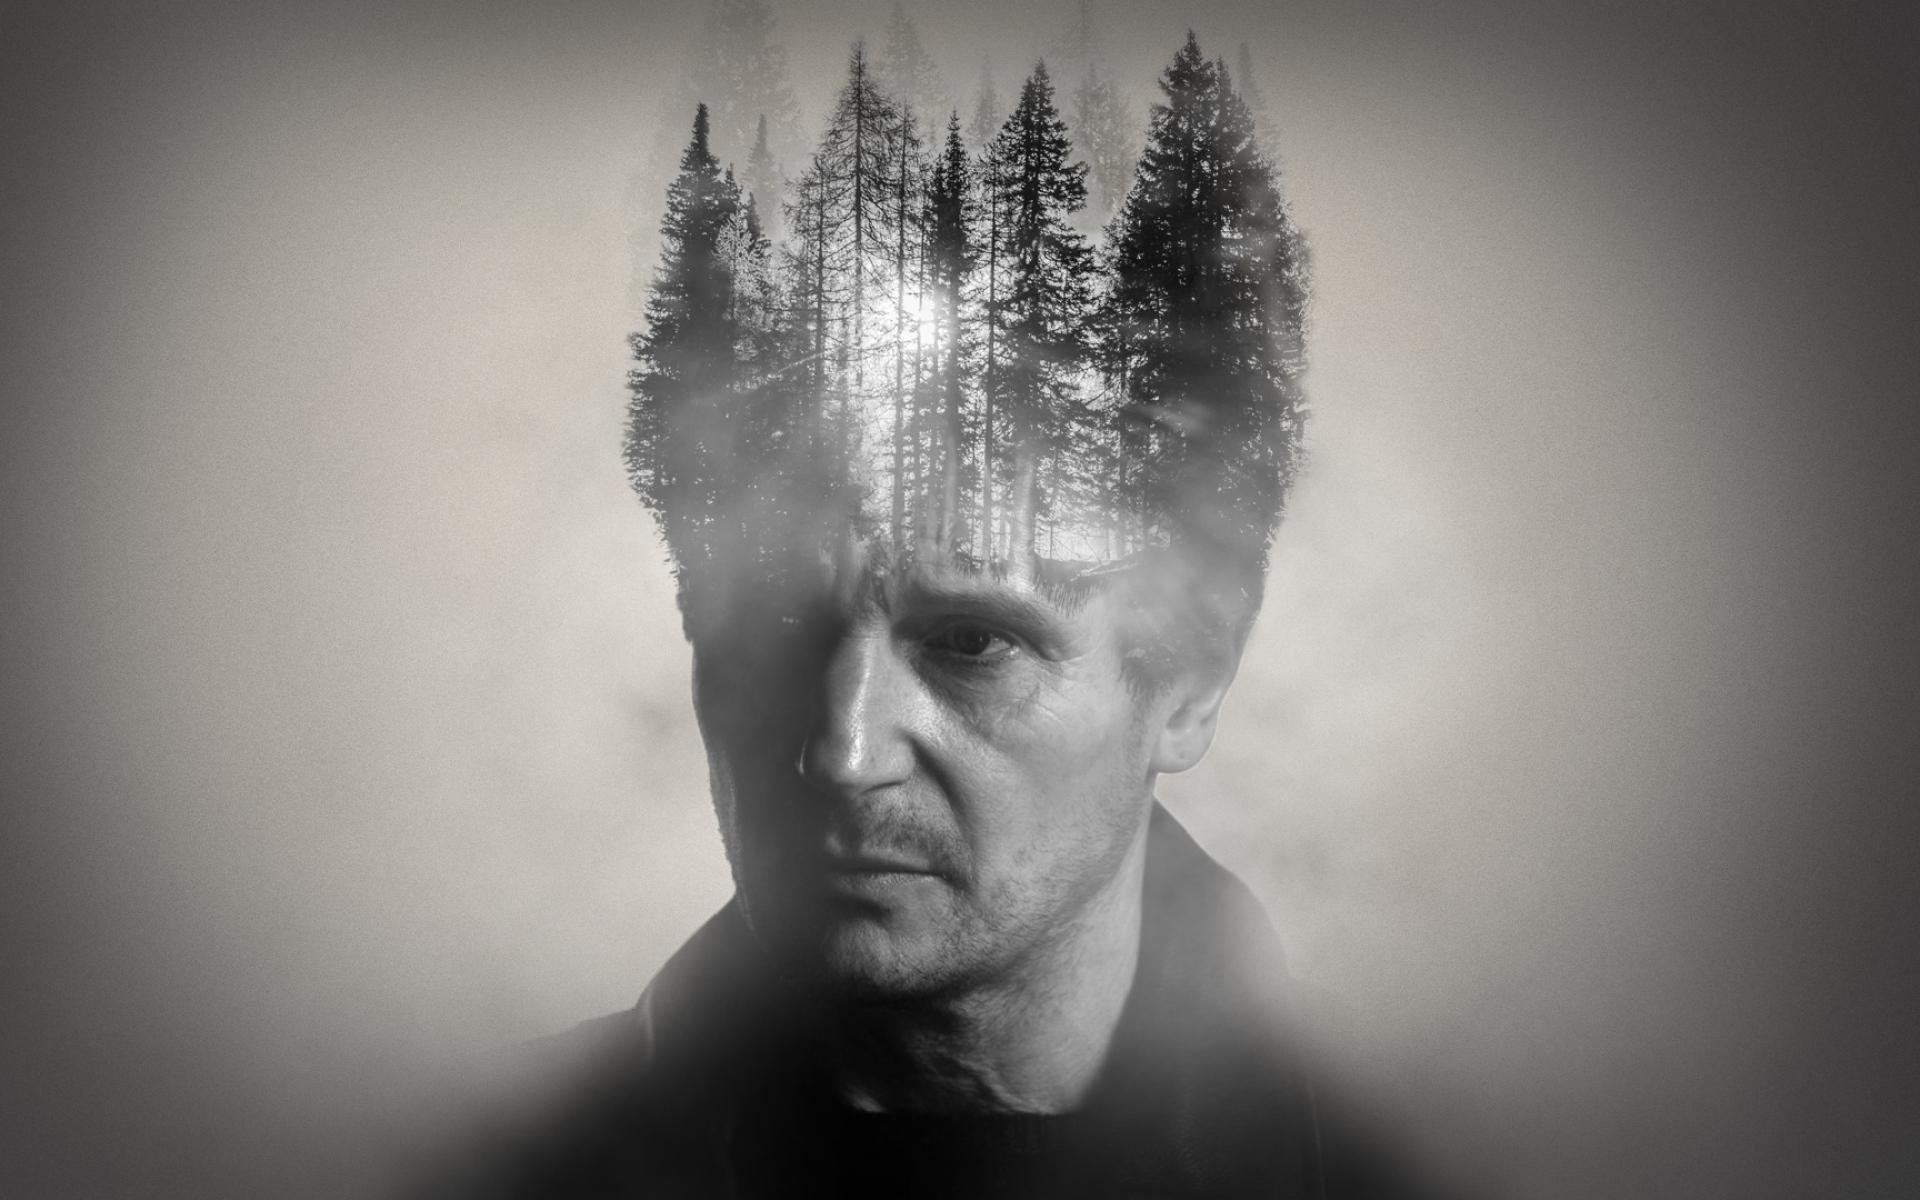 Картинки Liam neeson, двойное воздействие, лес, мудрый фото и обои на рабочий стол